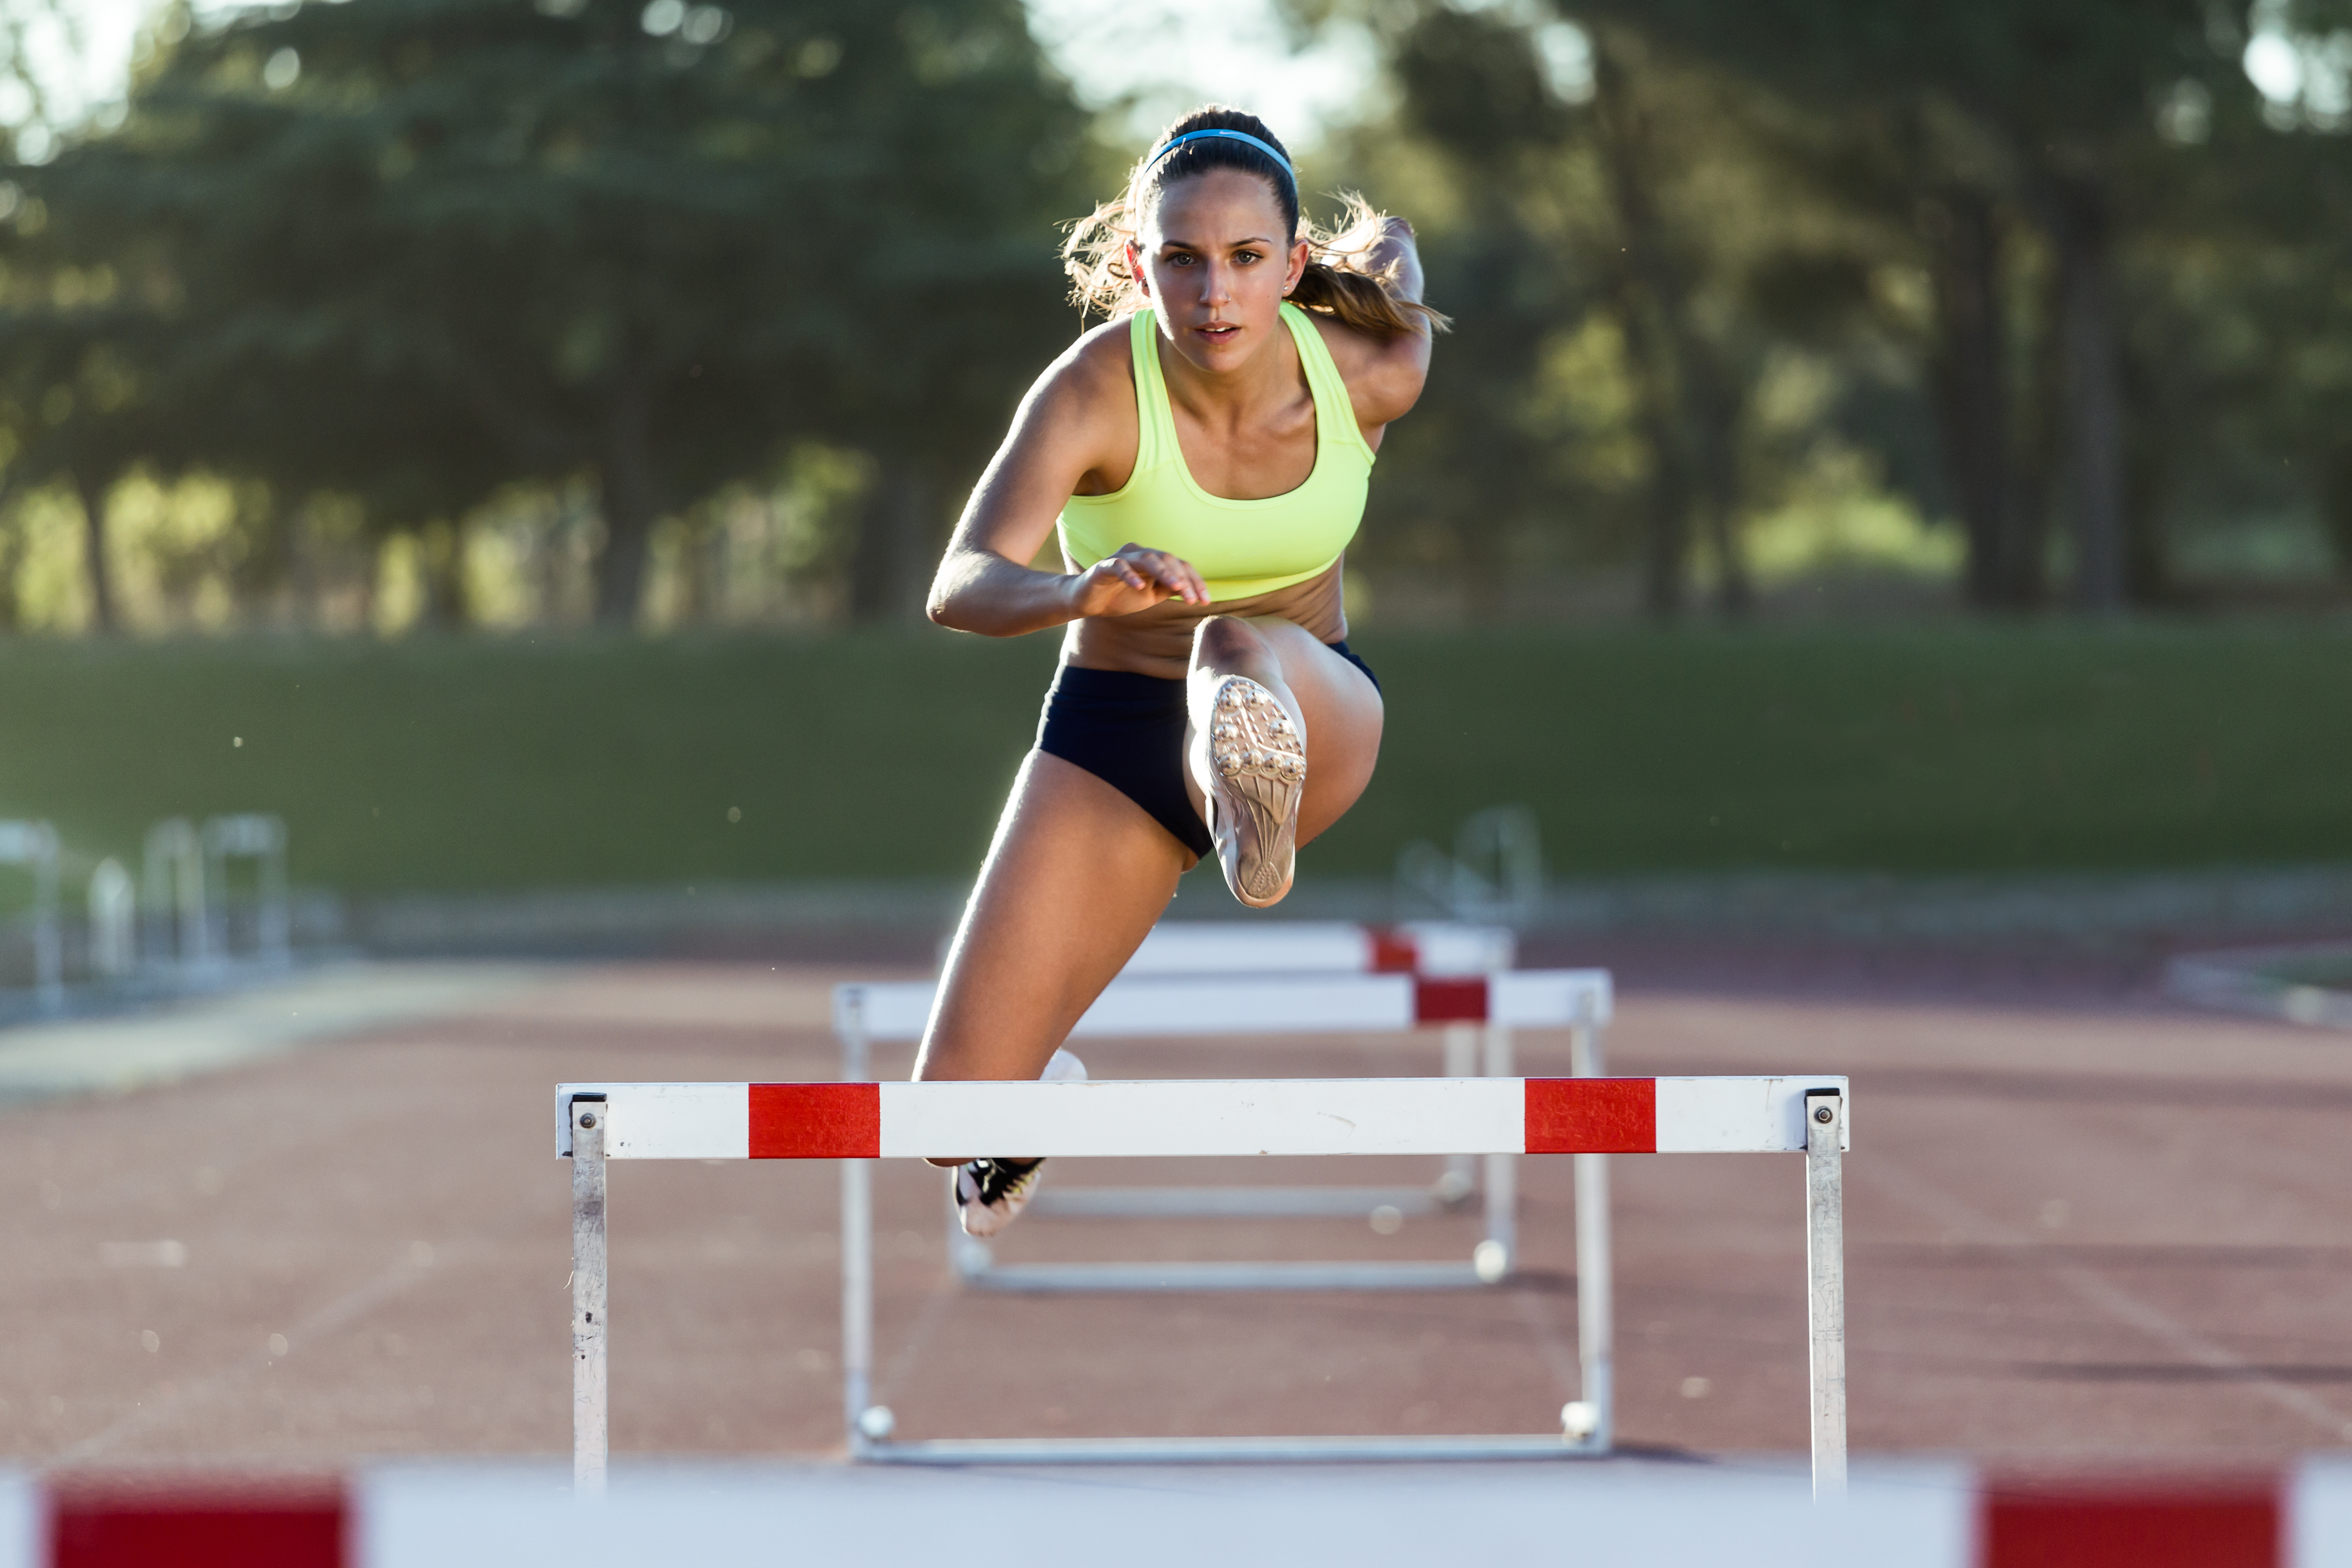 Track_Hurdles_Woman